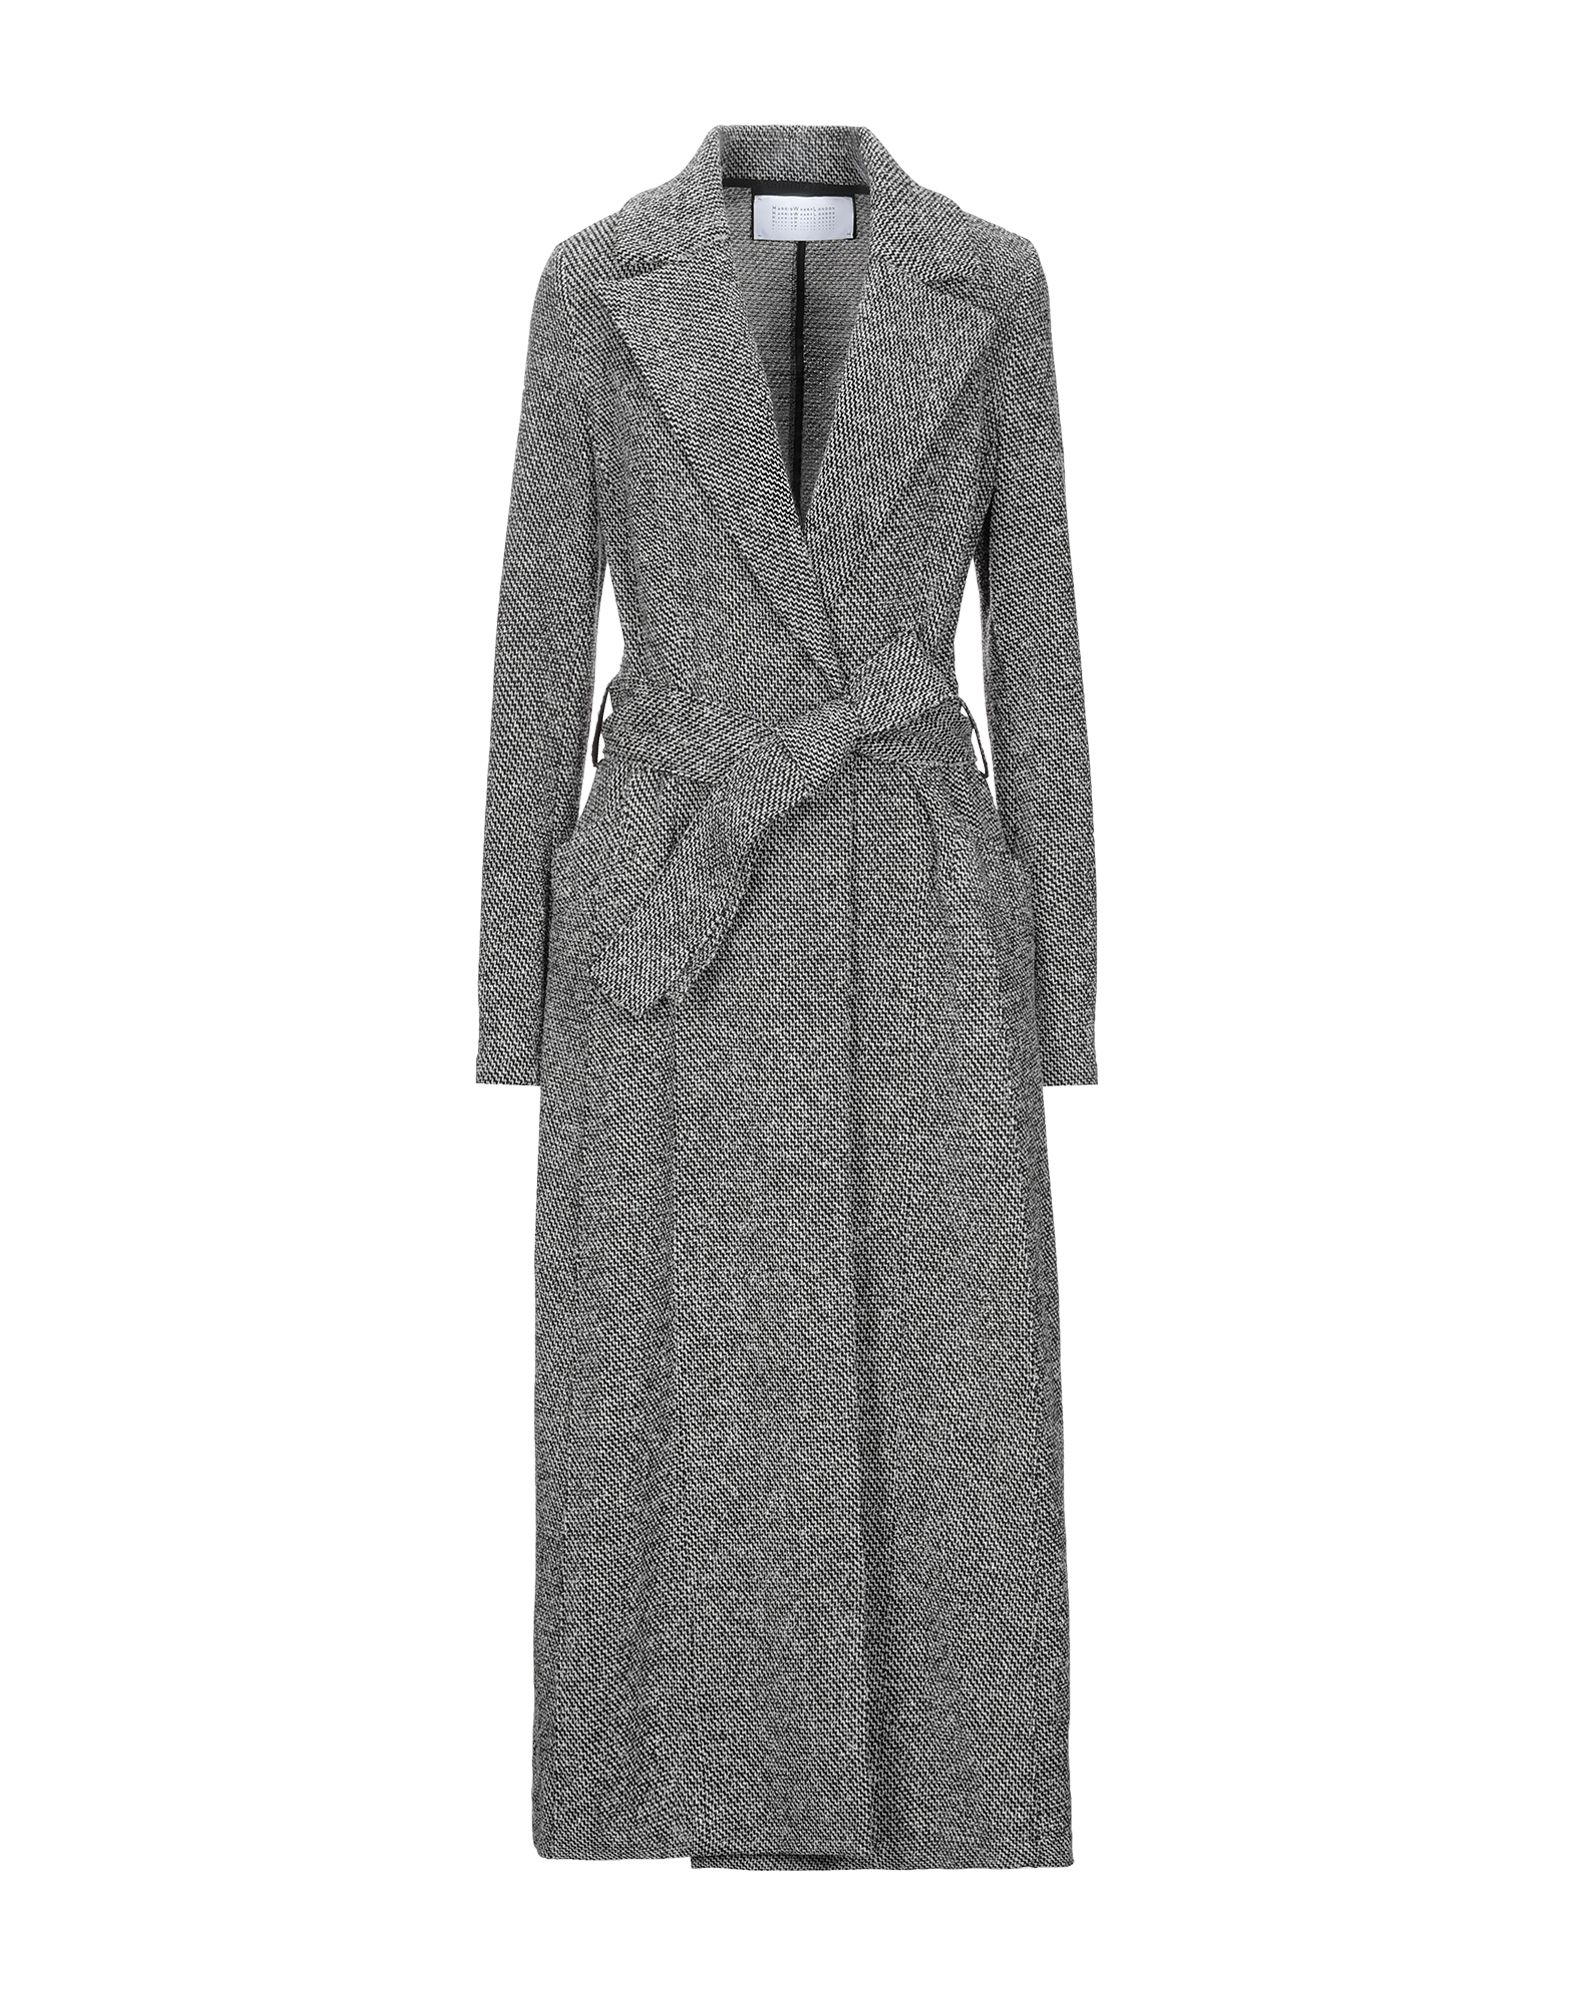 HARRIS WHARF LONDON Легкое пальто goatee london легкое пальто